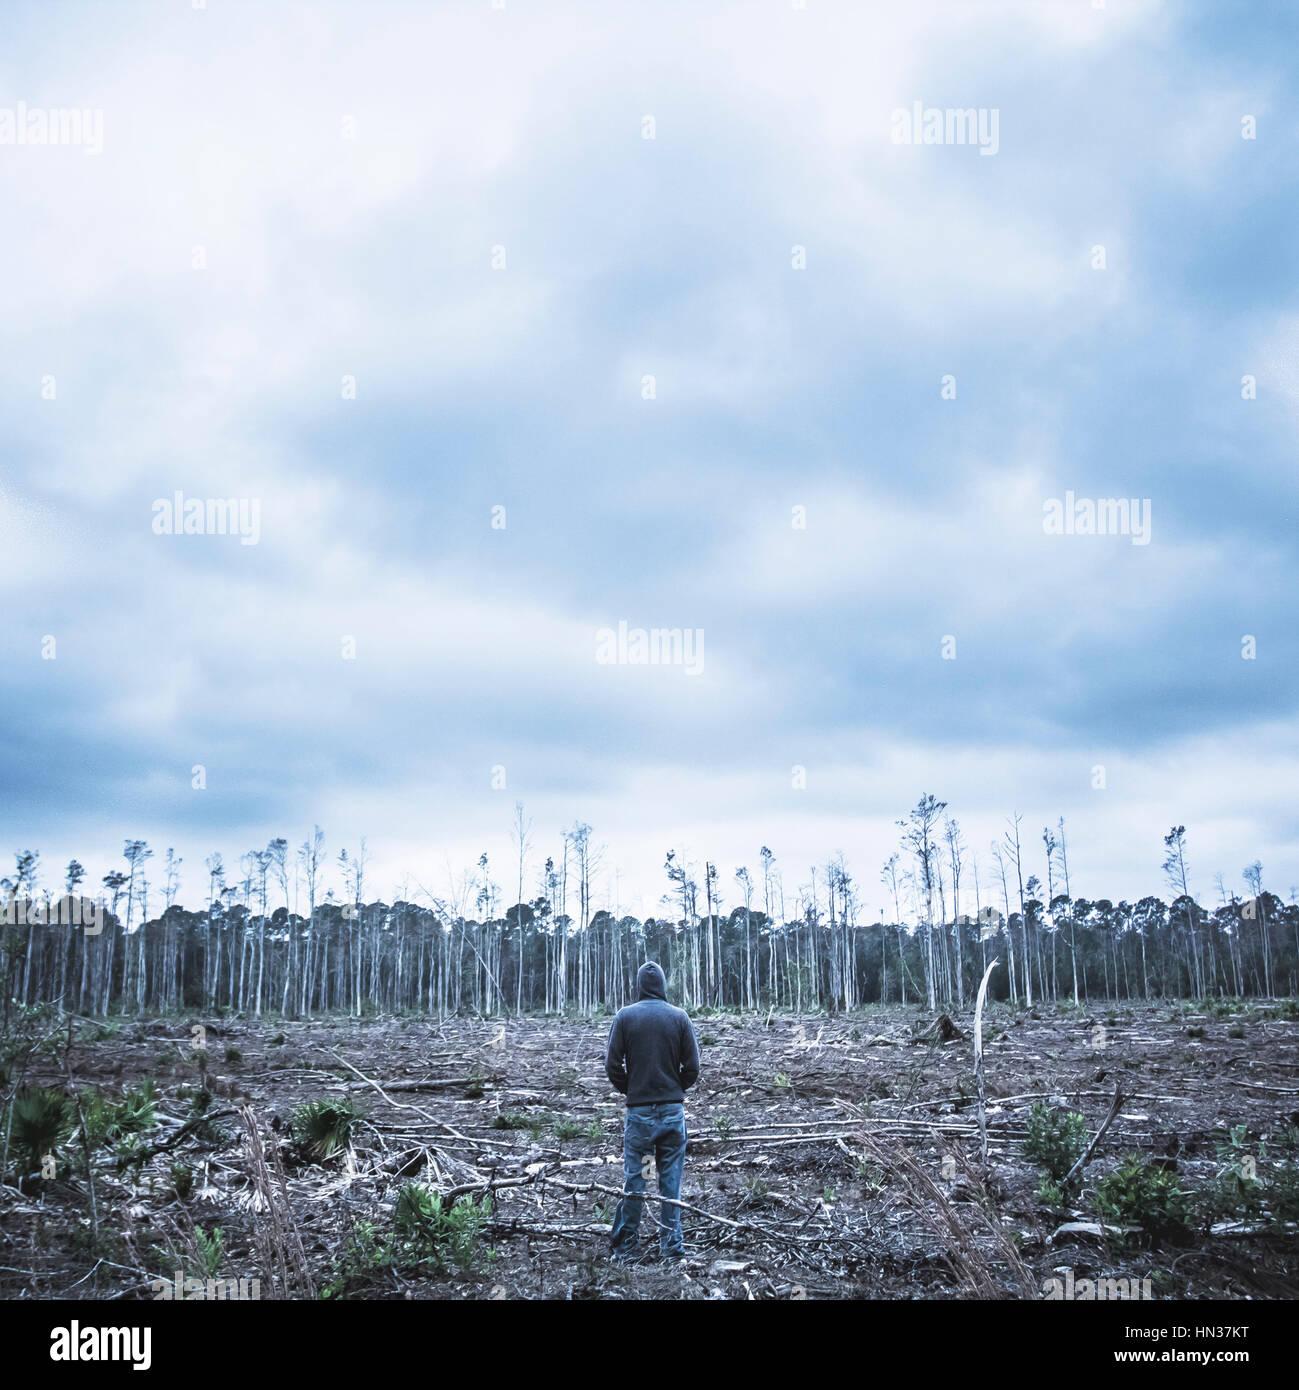 Mann allein unter einer Szene der Entwaldung Stockbild